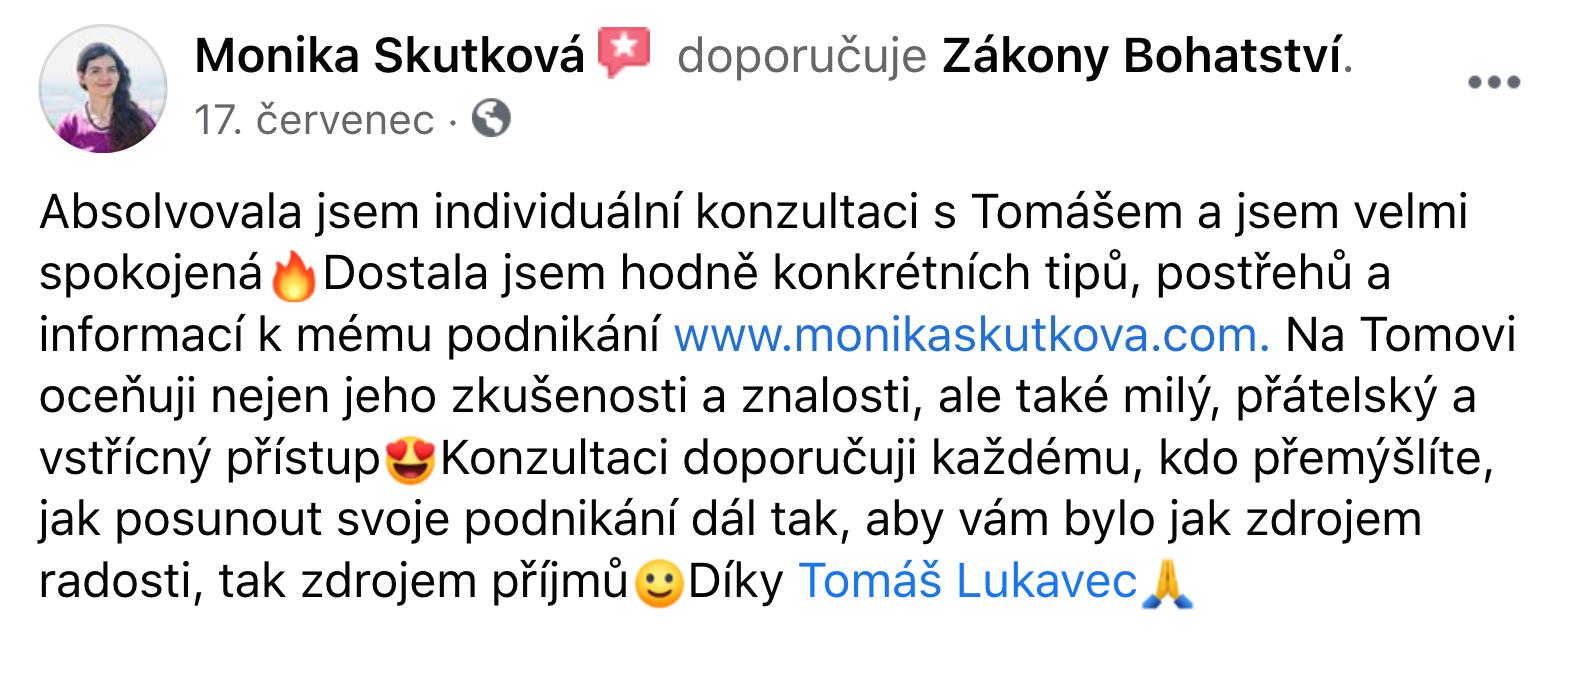 Reference - Monika Skutková